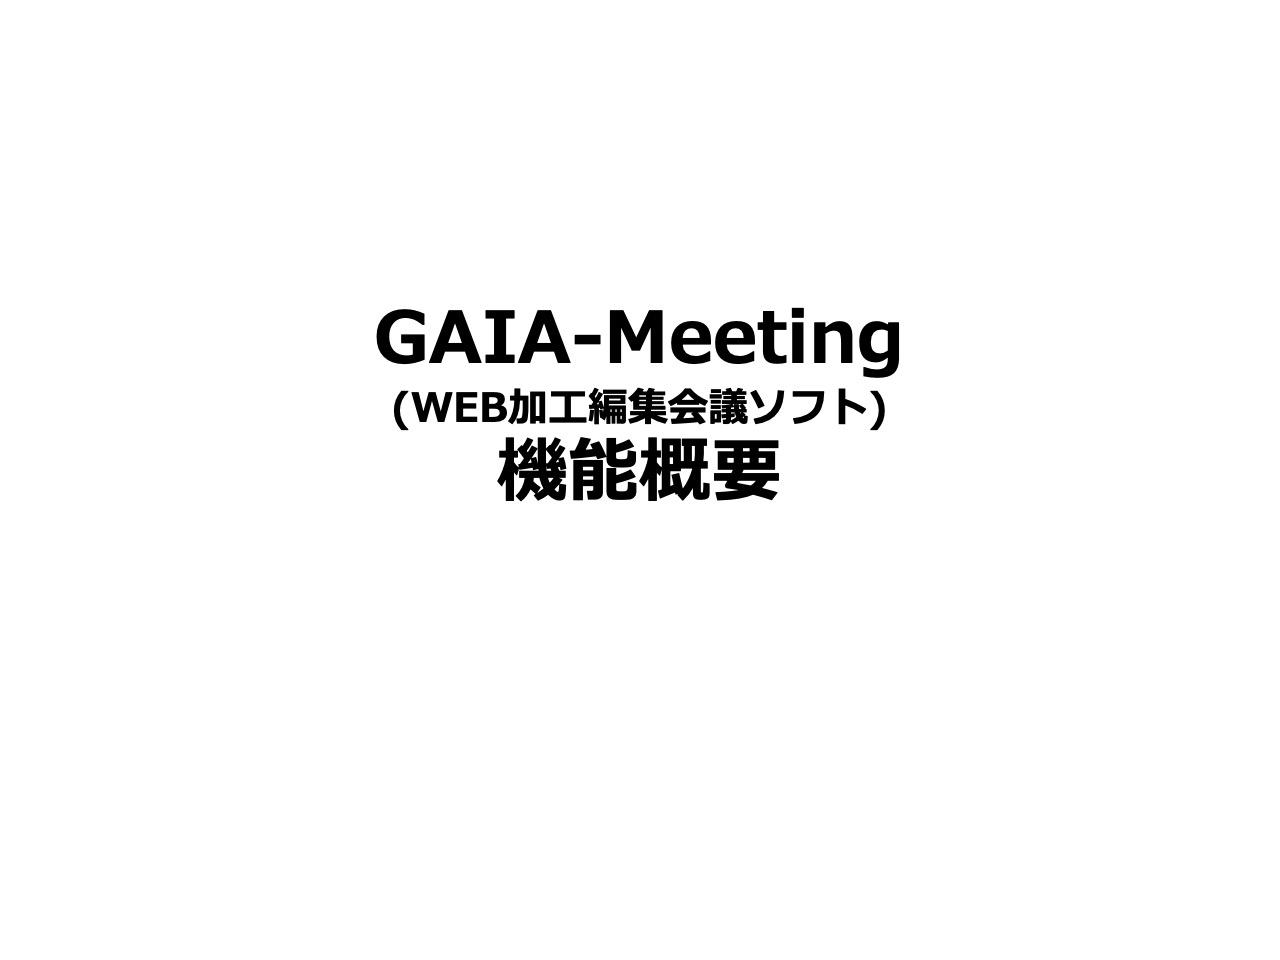 12-WEB加工編集会議機能概要20200507